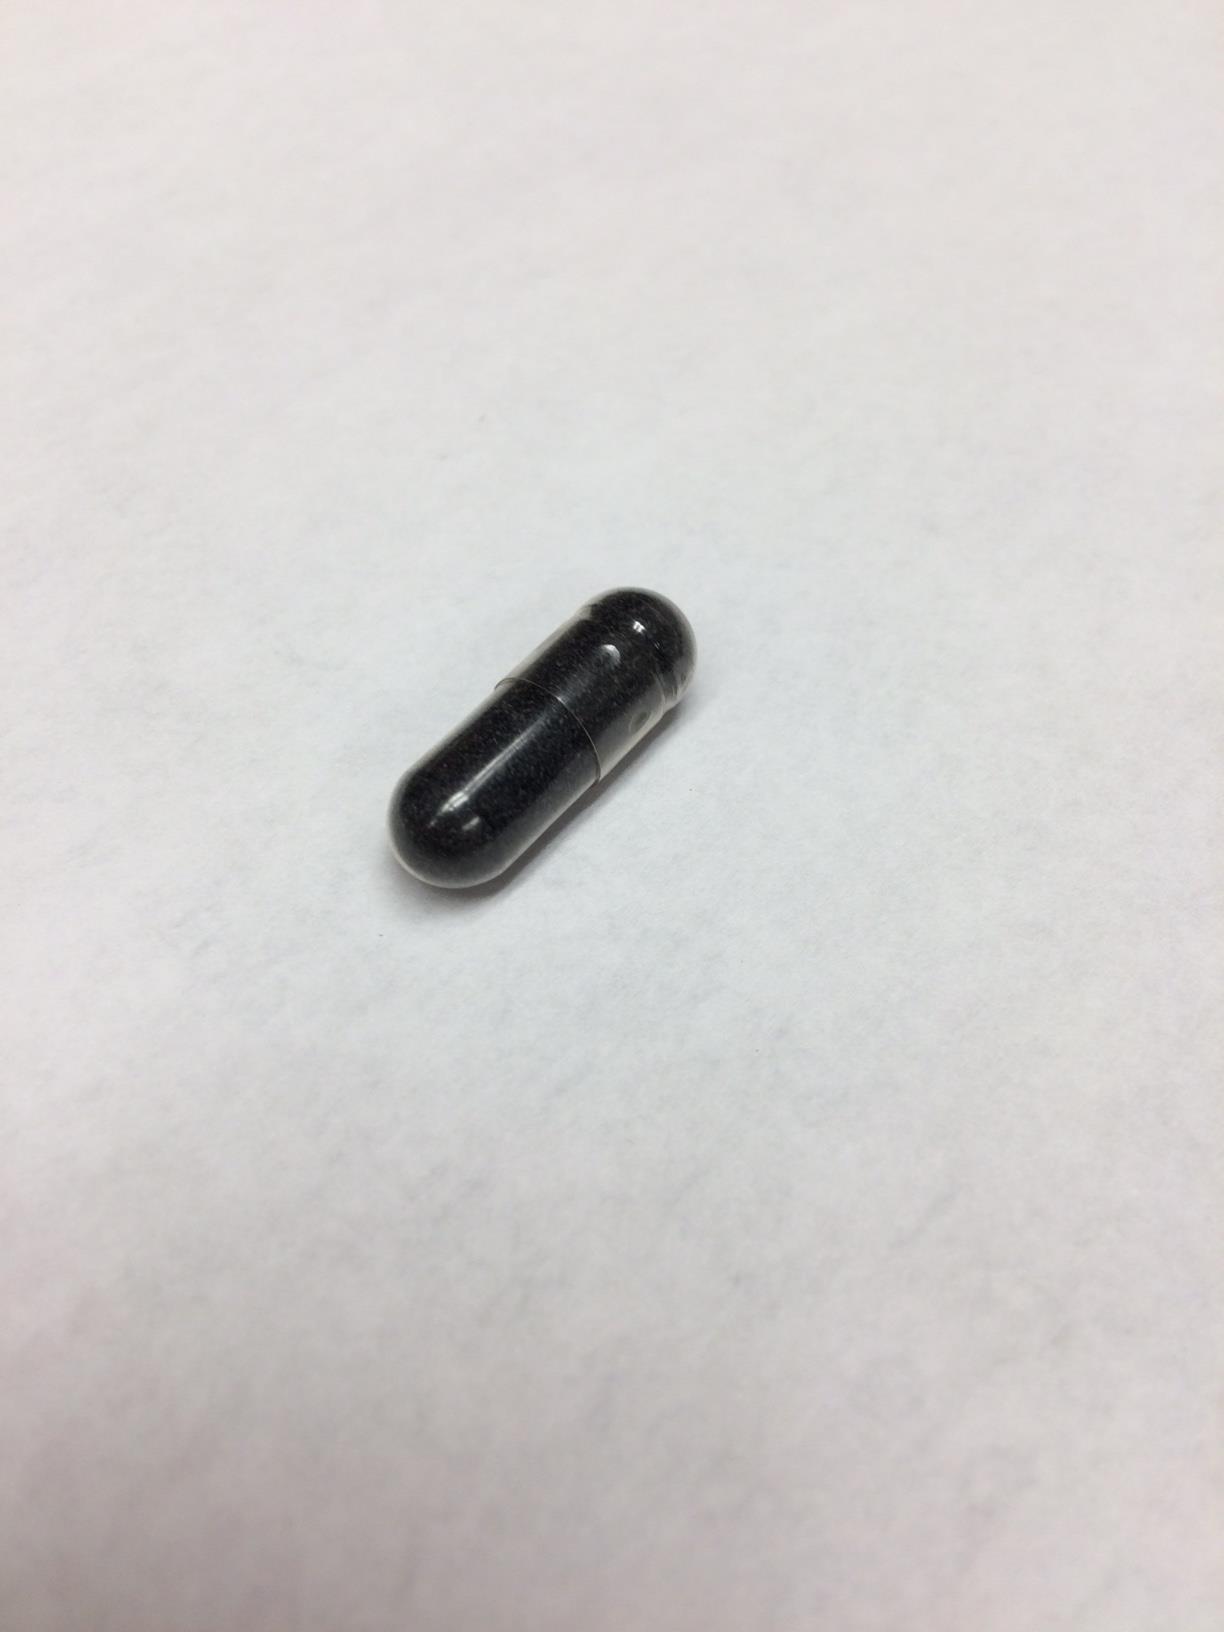 blackcapsule_1541086133371.JPG